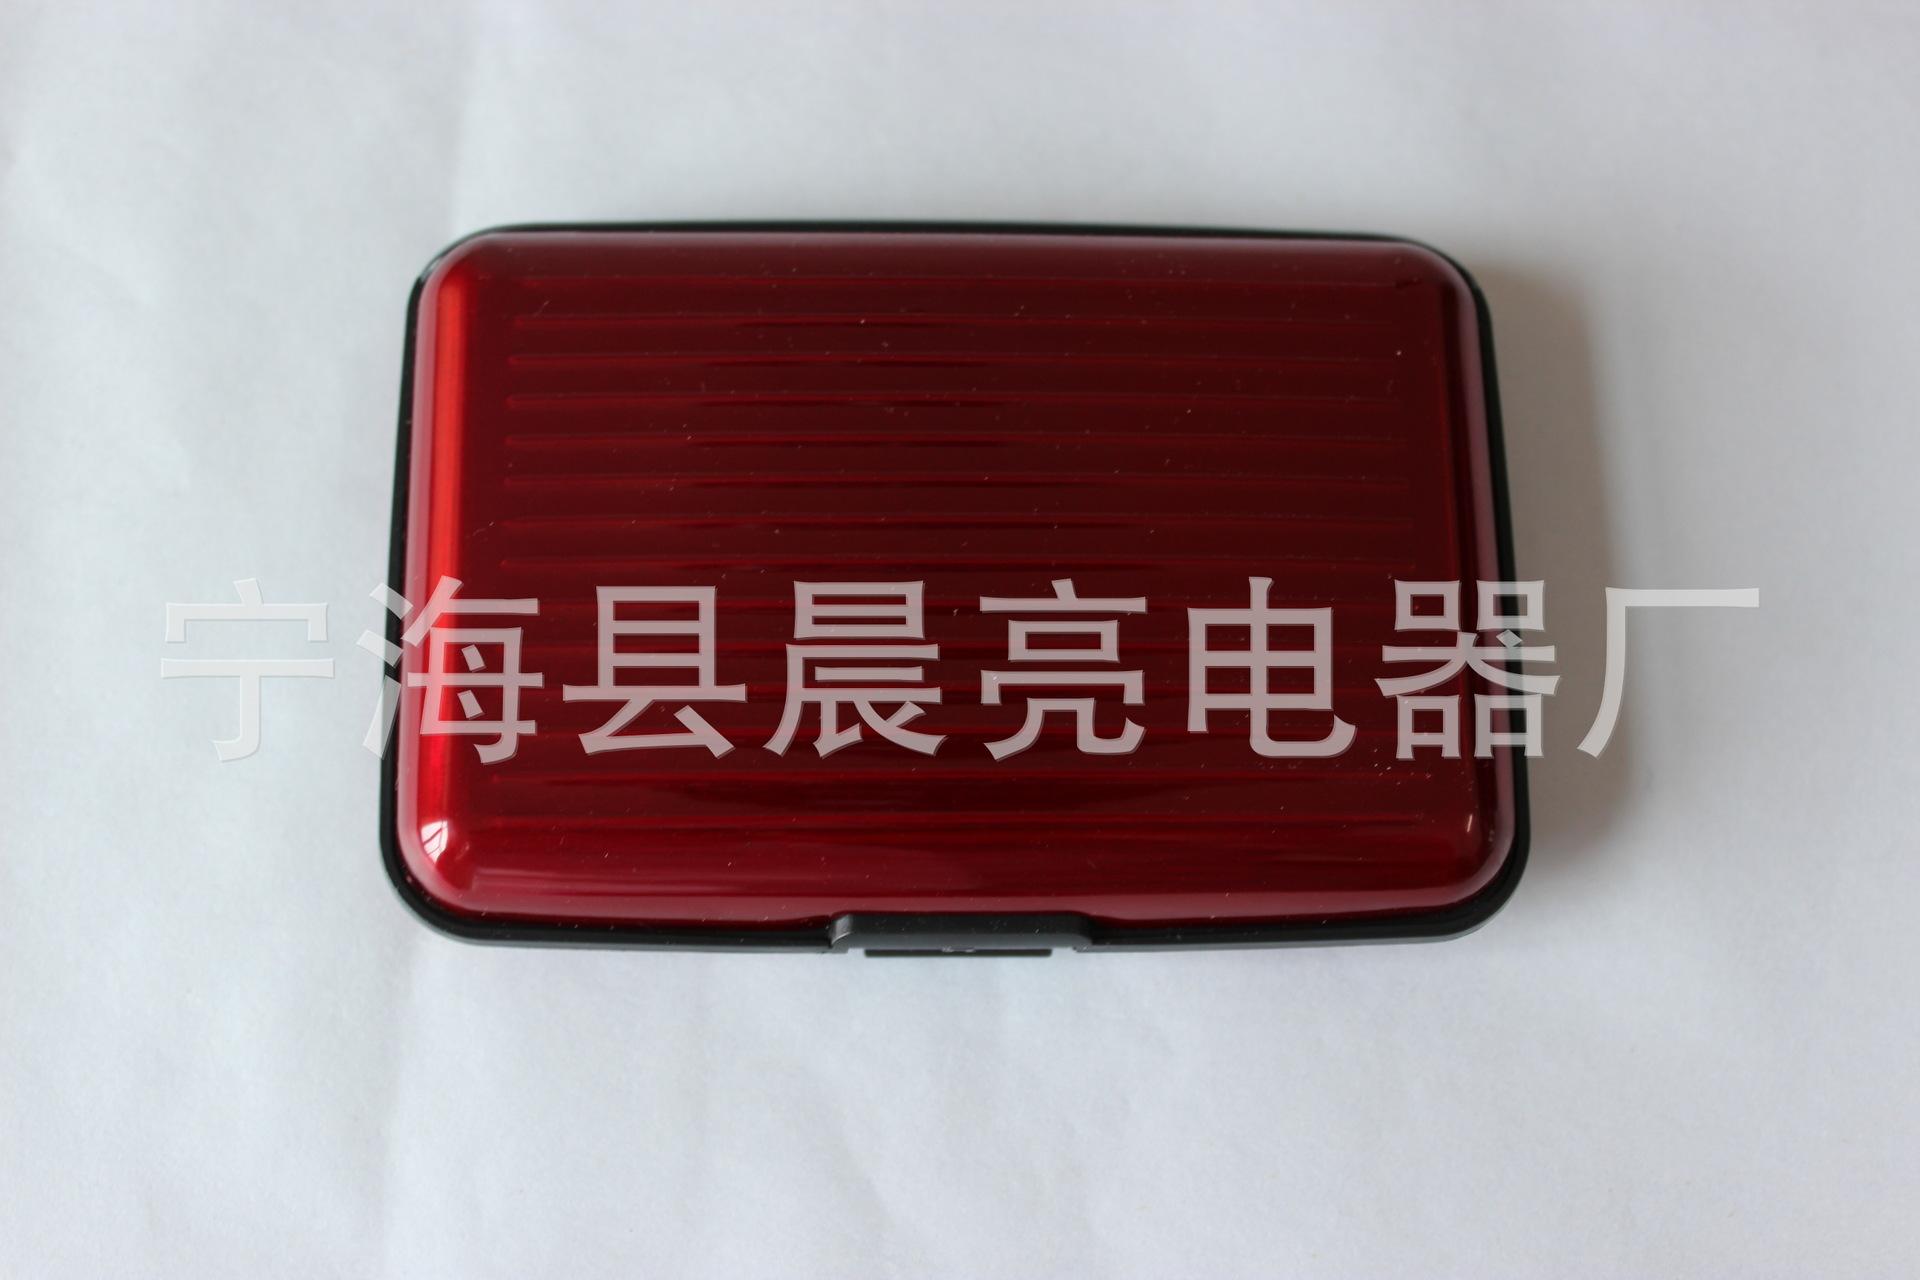 厂家 直销贴钻小卡包防水防磁金属卡包、铝制卡盒、名片盒